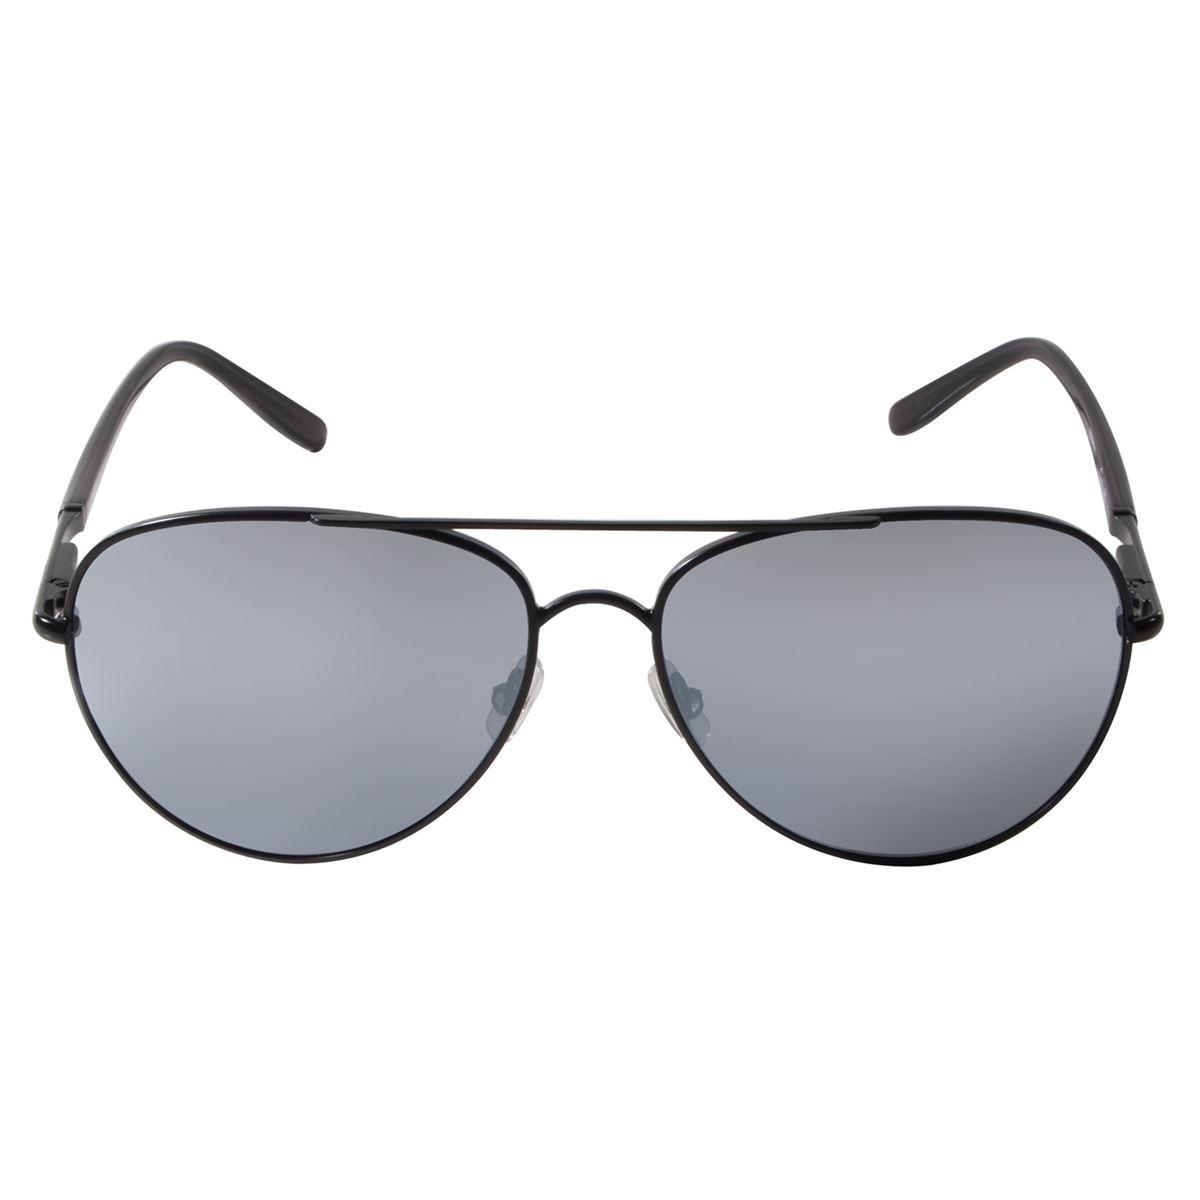 4289a0e4ef540 Óculos Hb Sicily Xl - R  349,90 em Mercado Livre